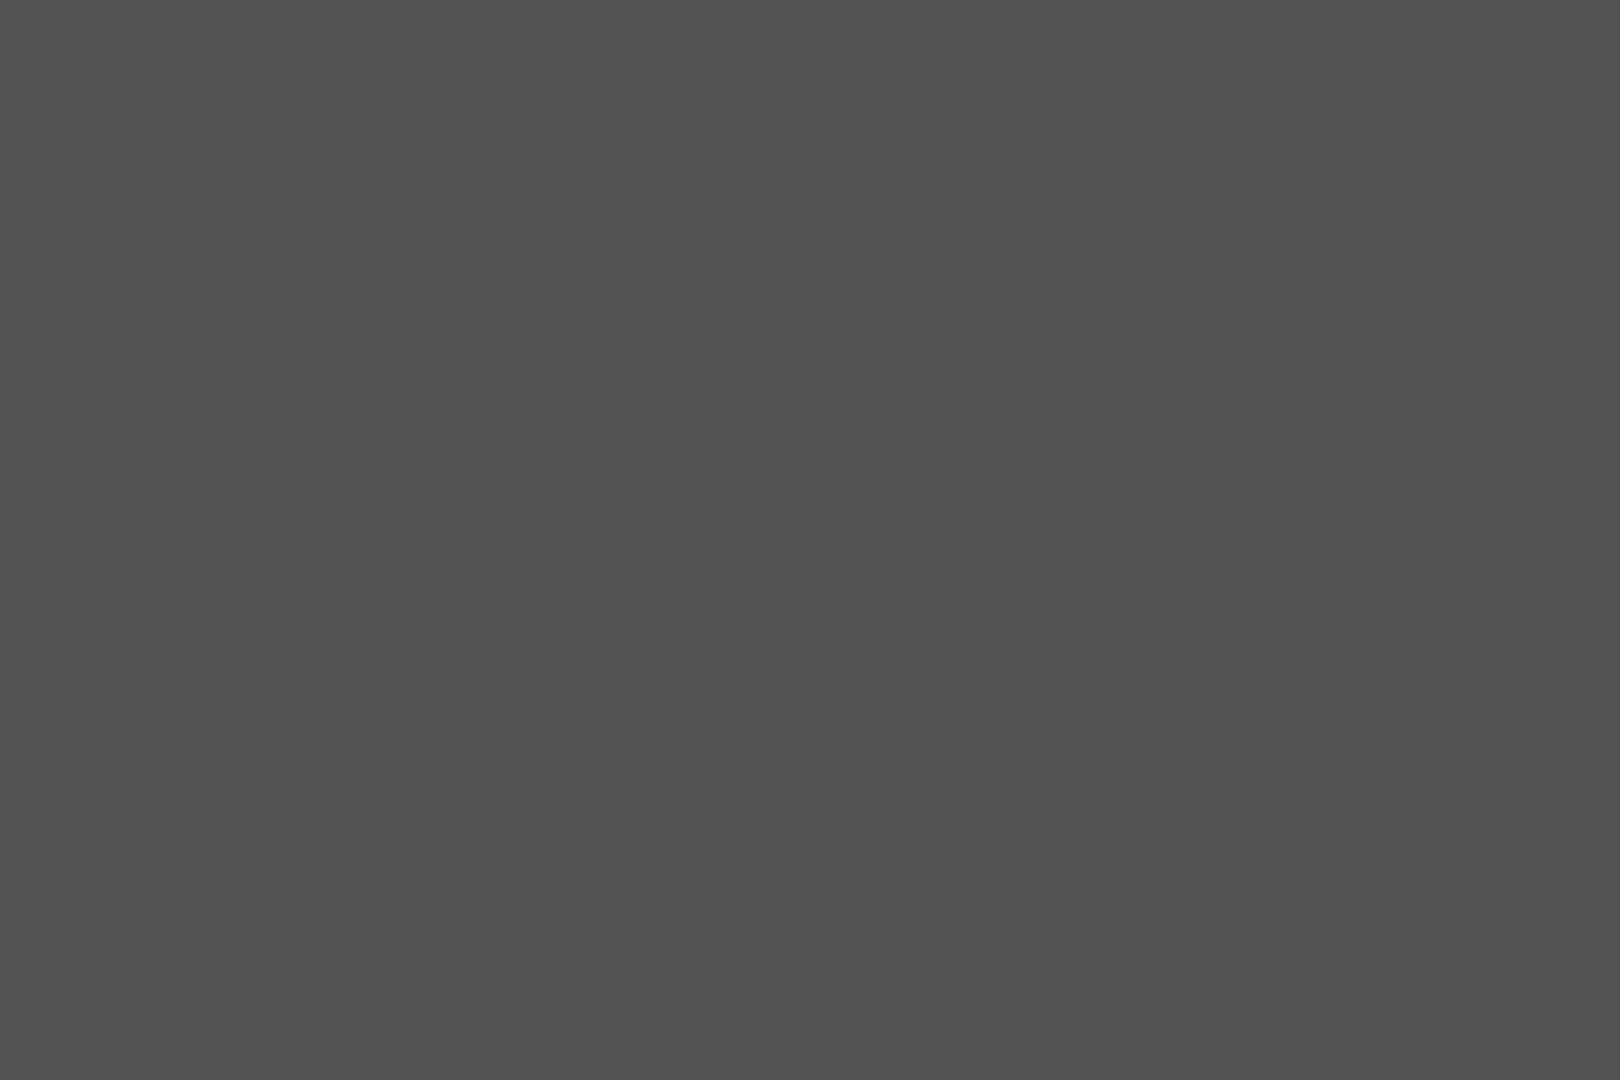 充血監督の深夜の運動会Vol.3 0   0  28画像 12